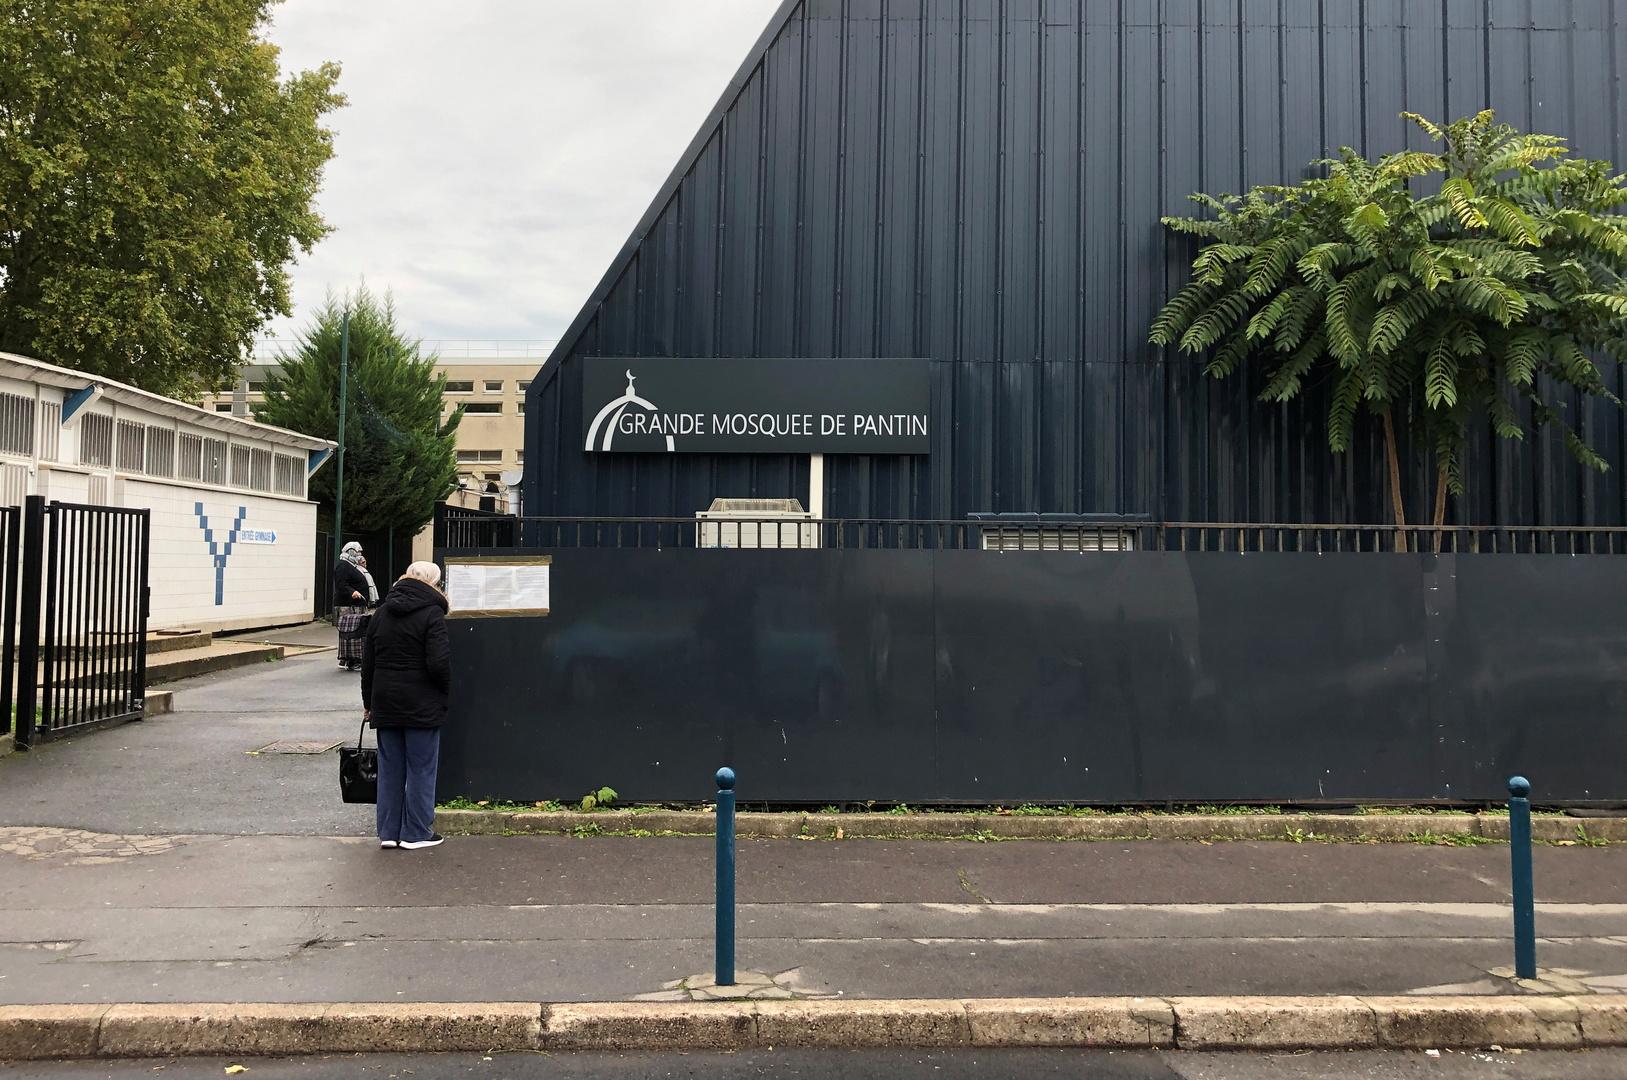 وزير الداخلية الفرنسي يأمر بحل جمعية